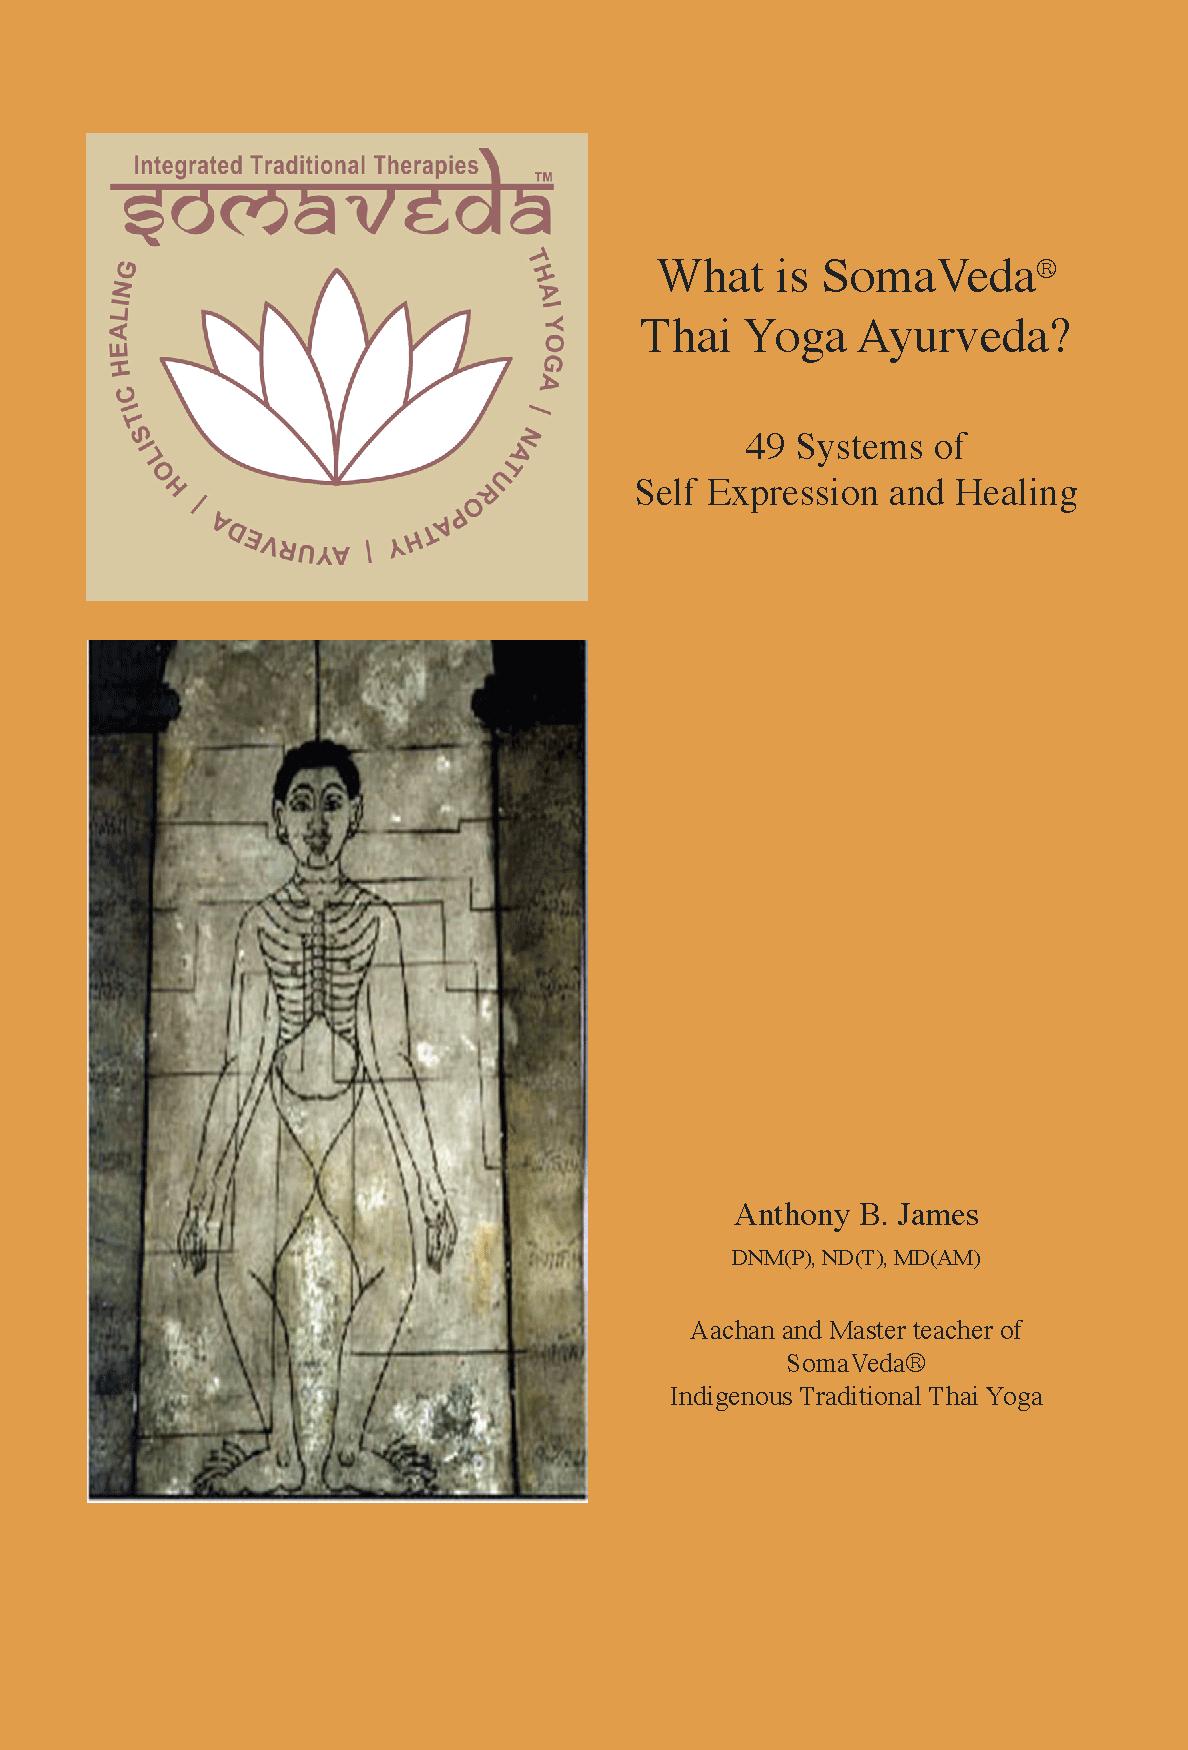 What is SomaVedar Thai Yoga?